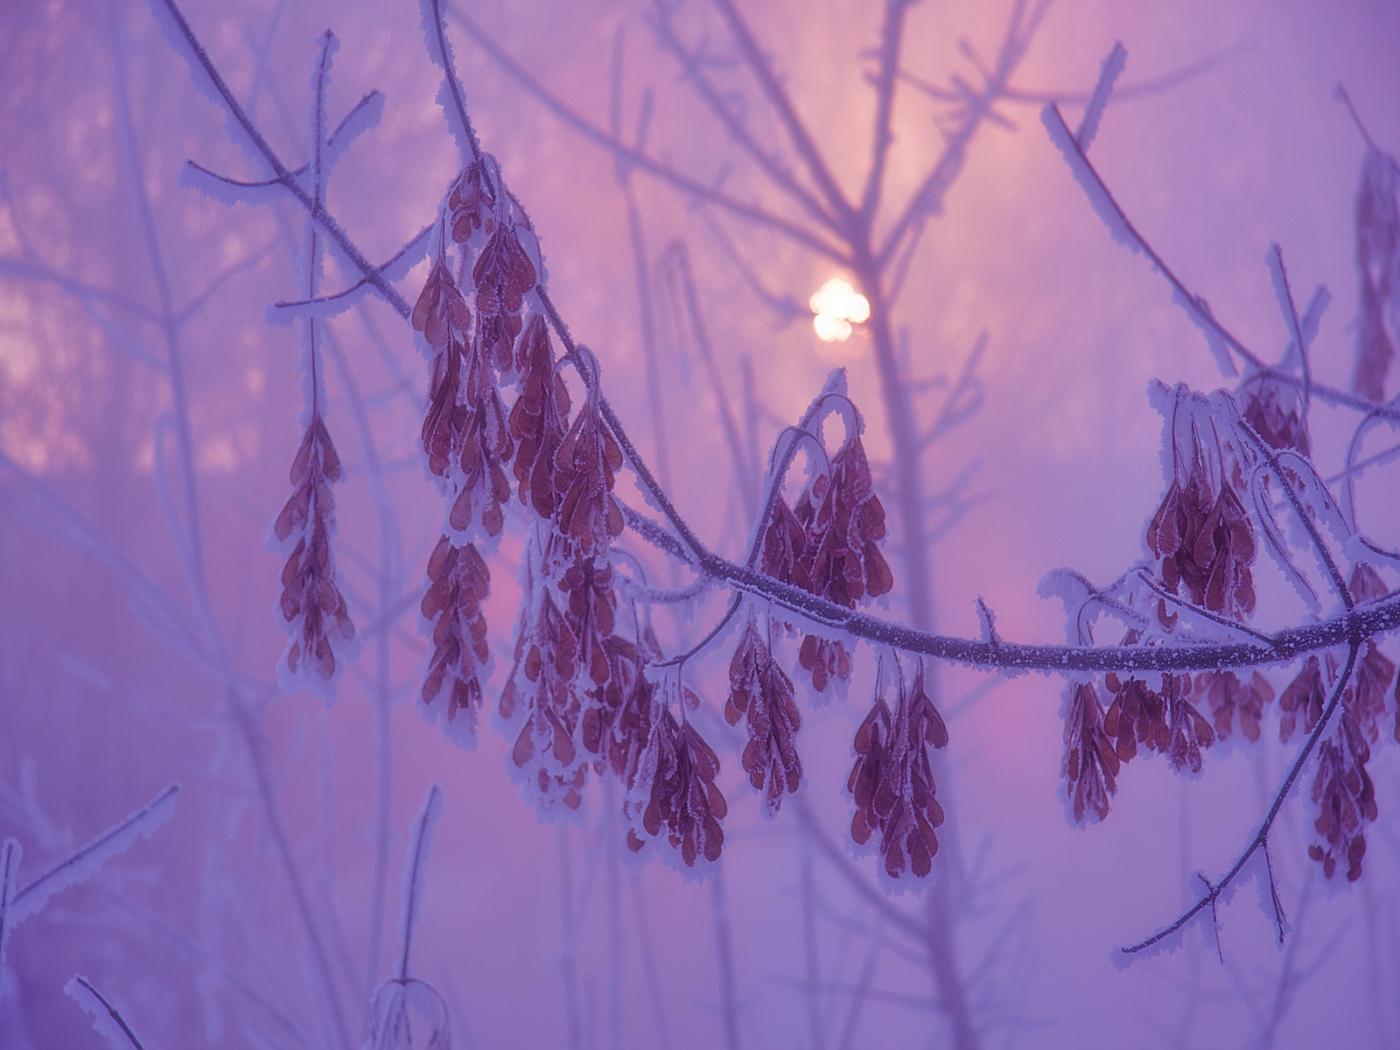 33870 скачать Фиолетовые обои на телефон бесплатно, Растения, Зима, Листья Фиолетовые картинки и заставки на мобильный